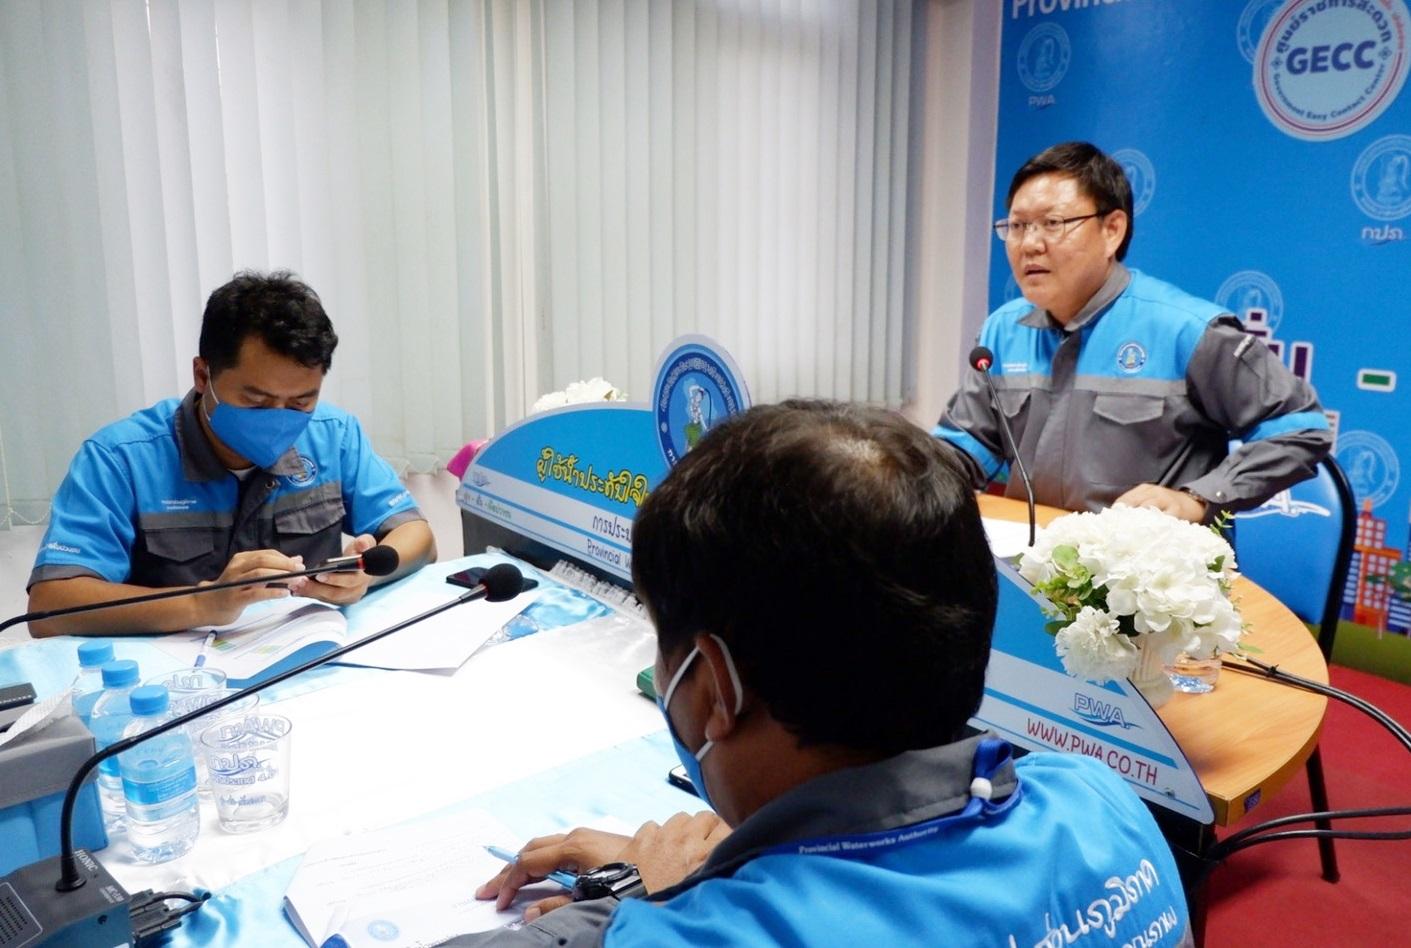 การประปาส่วนภูมิภาค(กปภ.)สาขาอรัญประเทศ จัดกิจกรรมสนทนายามเช้า (Morning Talk) ประจำเดือน กันยายน 2563 ณ ห้องประช